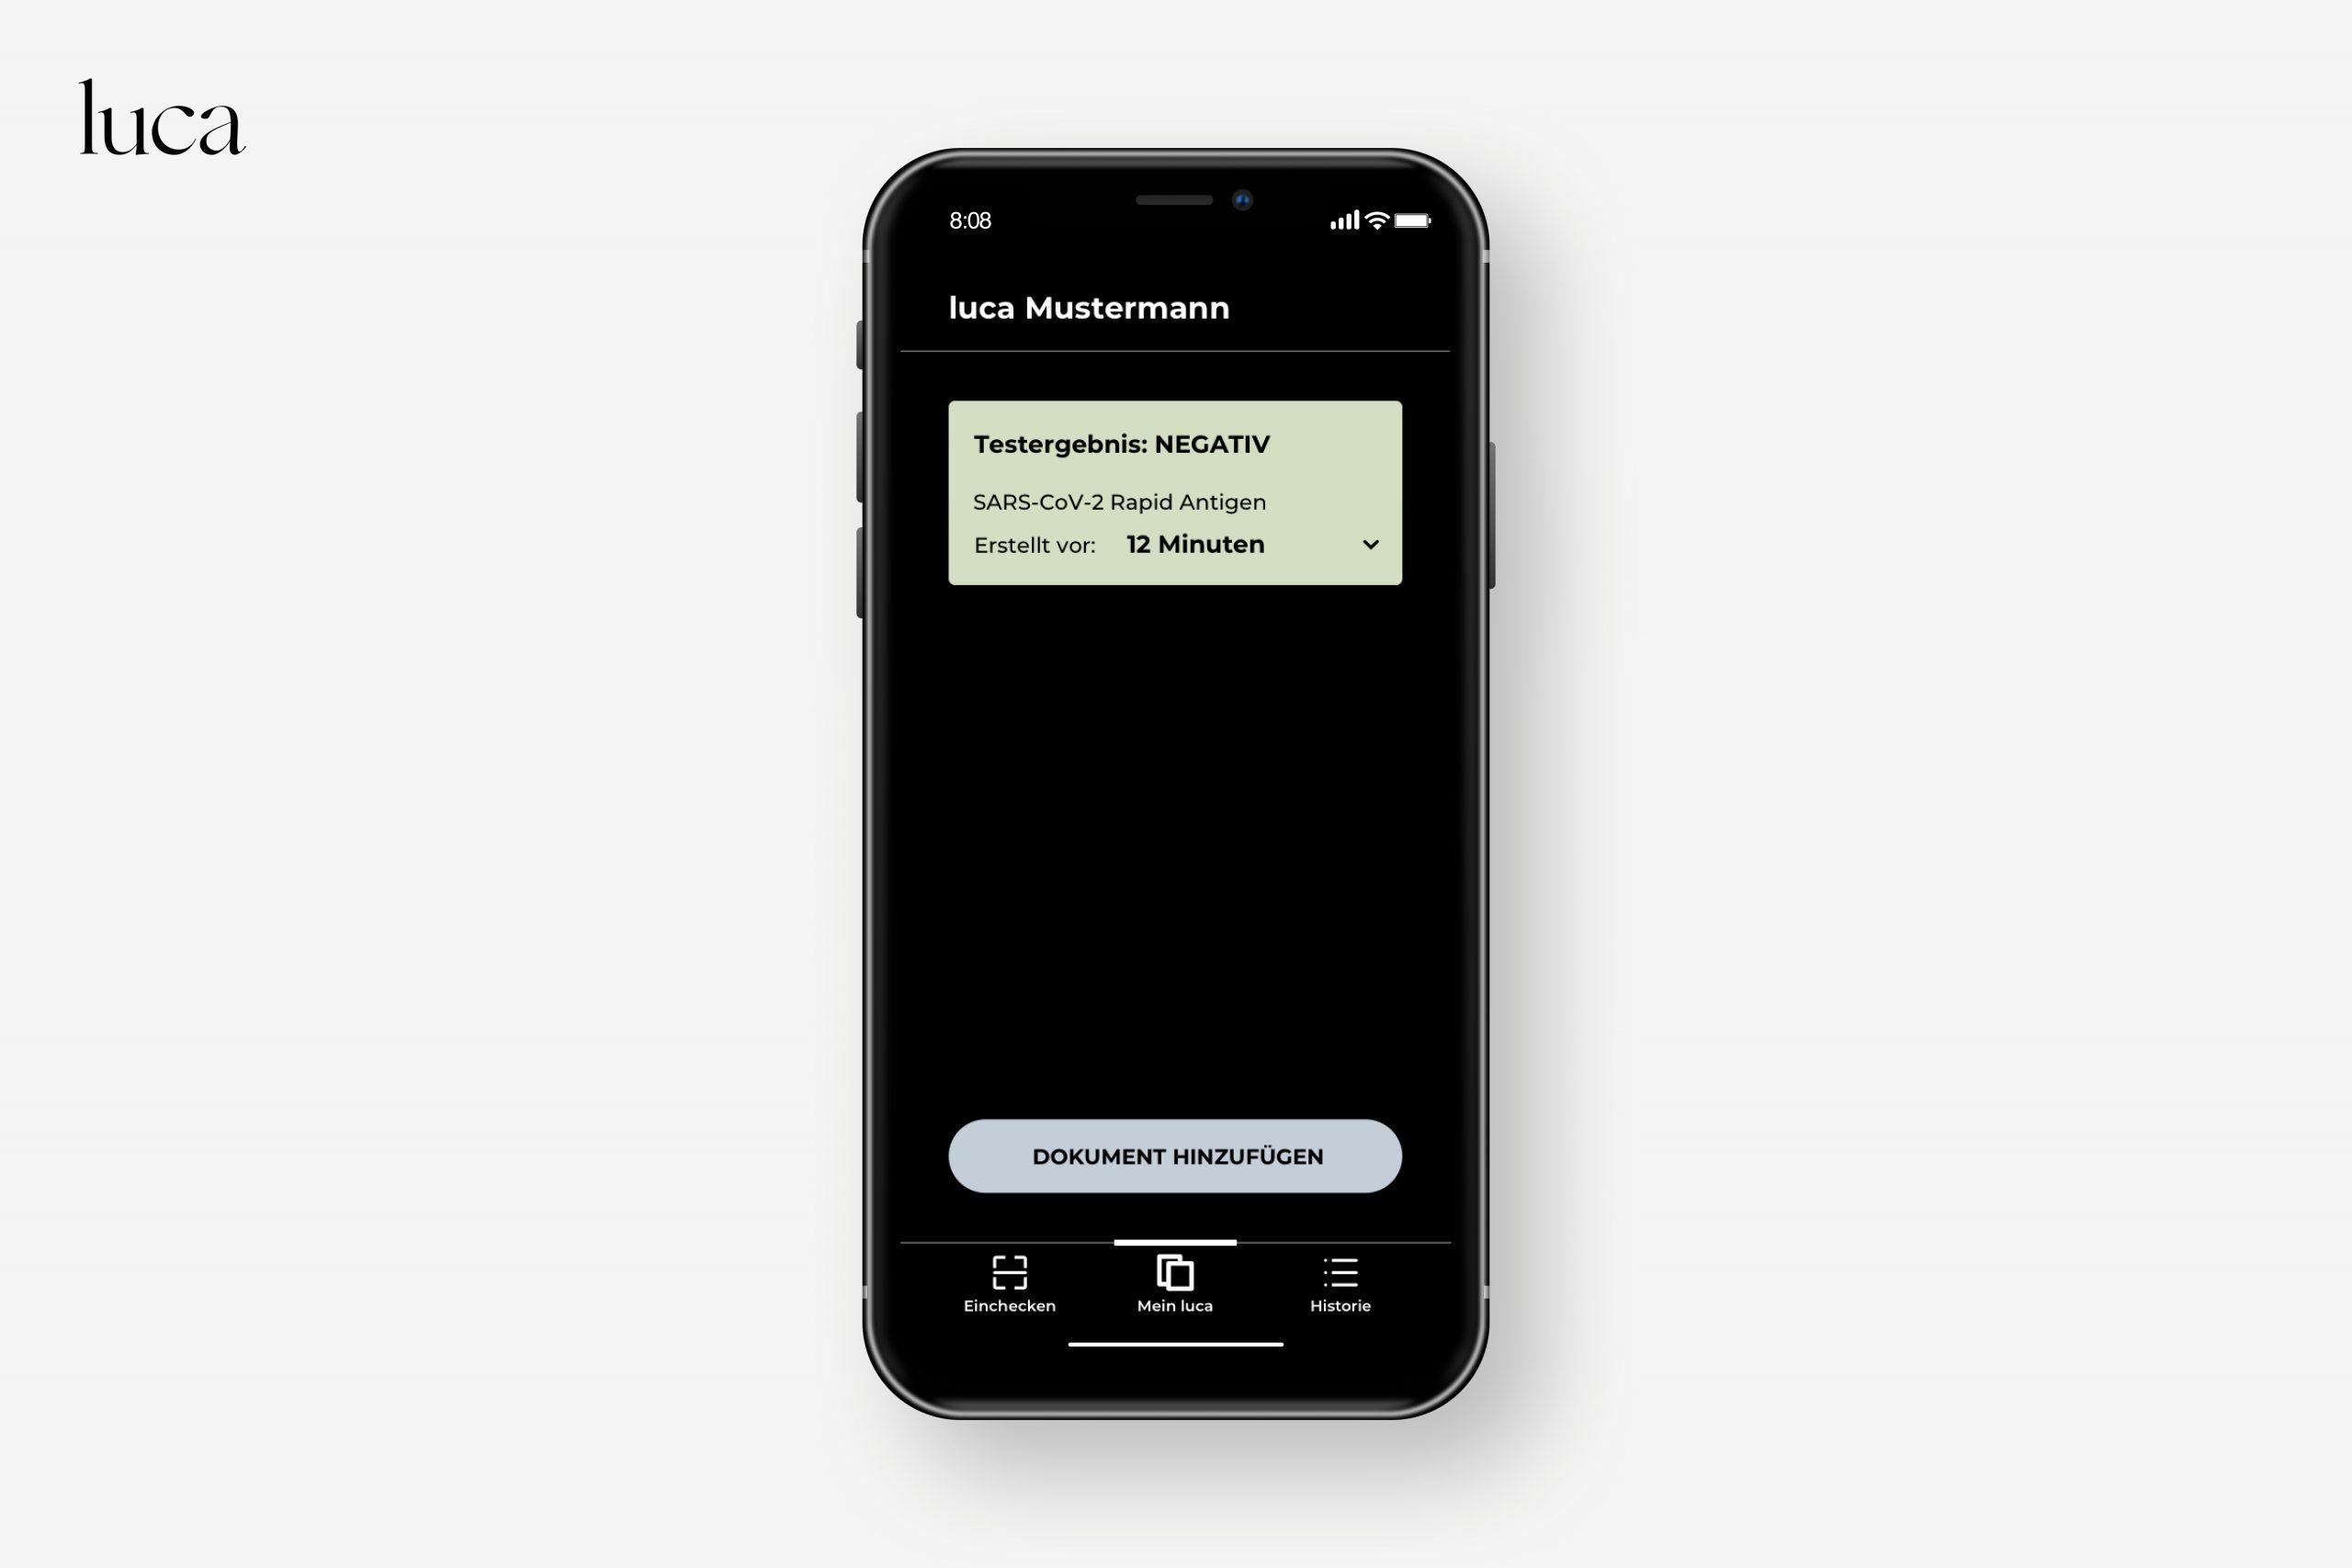 Nutzer:innen scannen den QR-Code des Testergebnisse mit der luca App und legen die Daten in der App auf ihrem Smartphone ab.